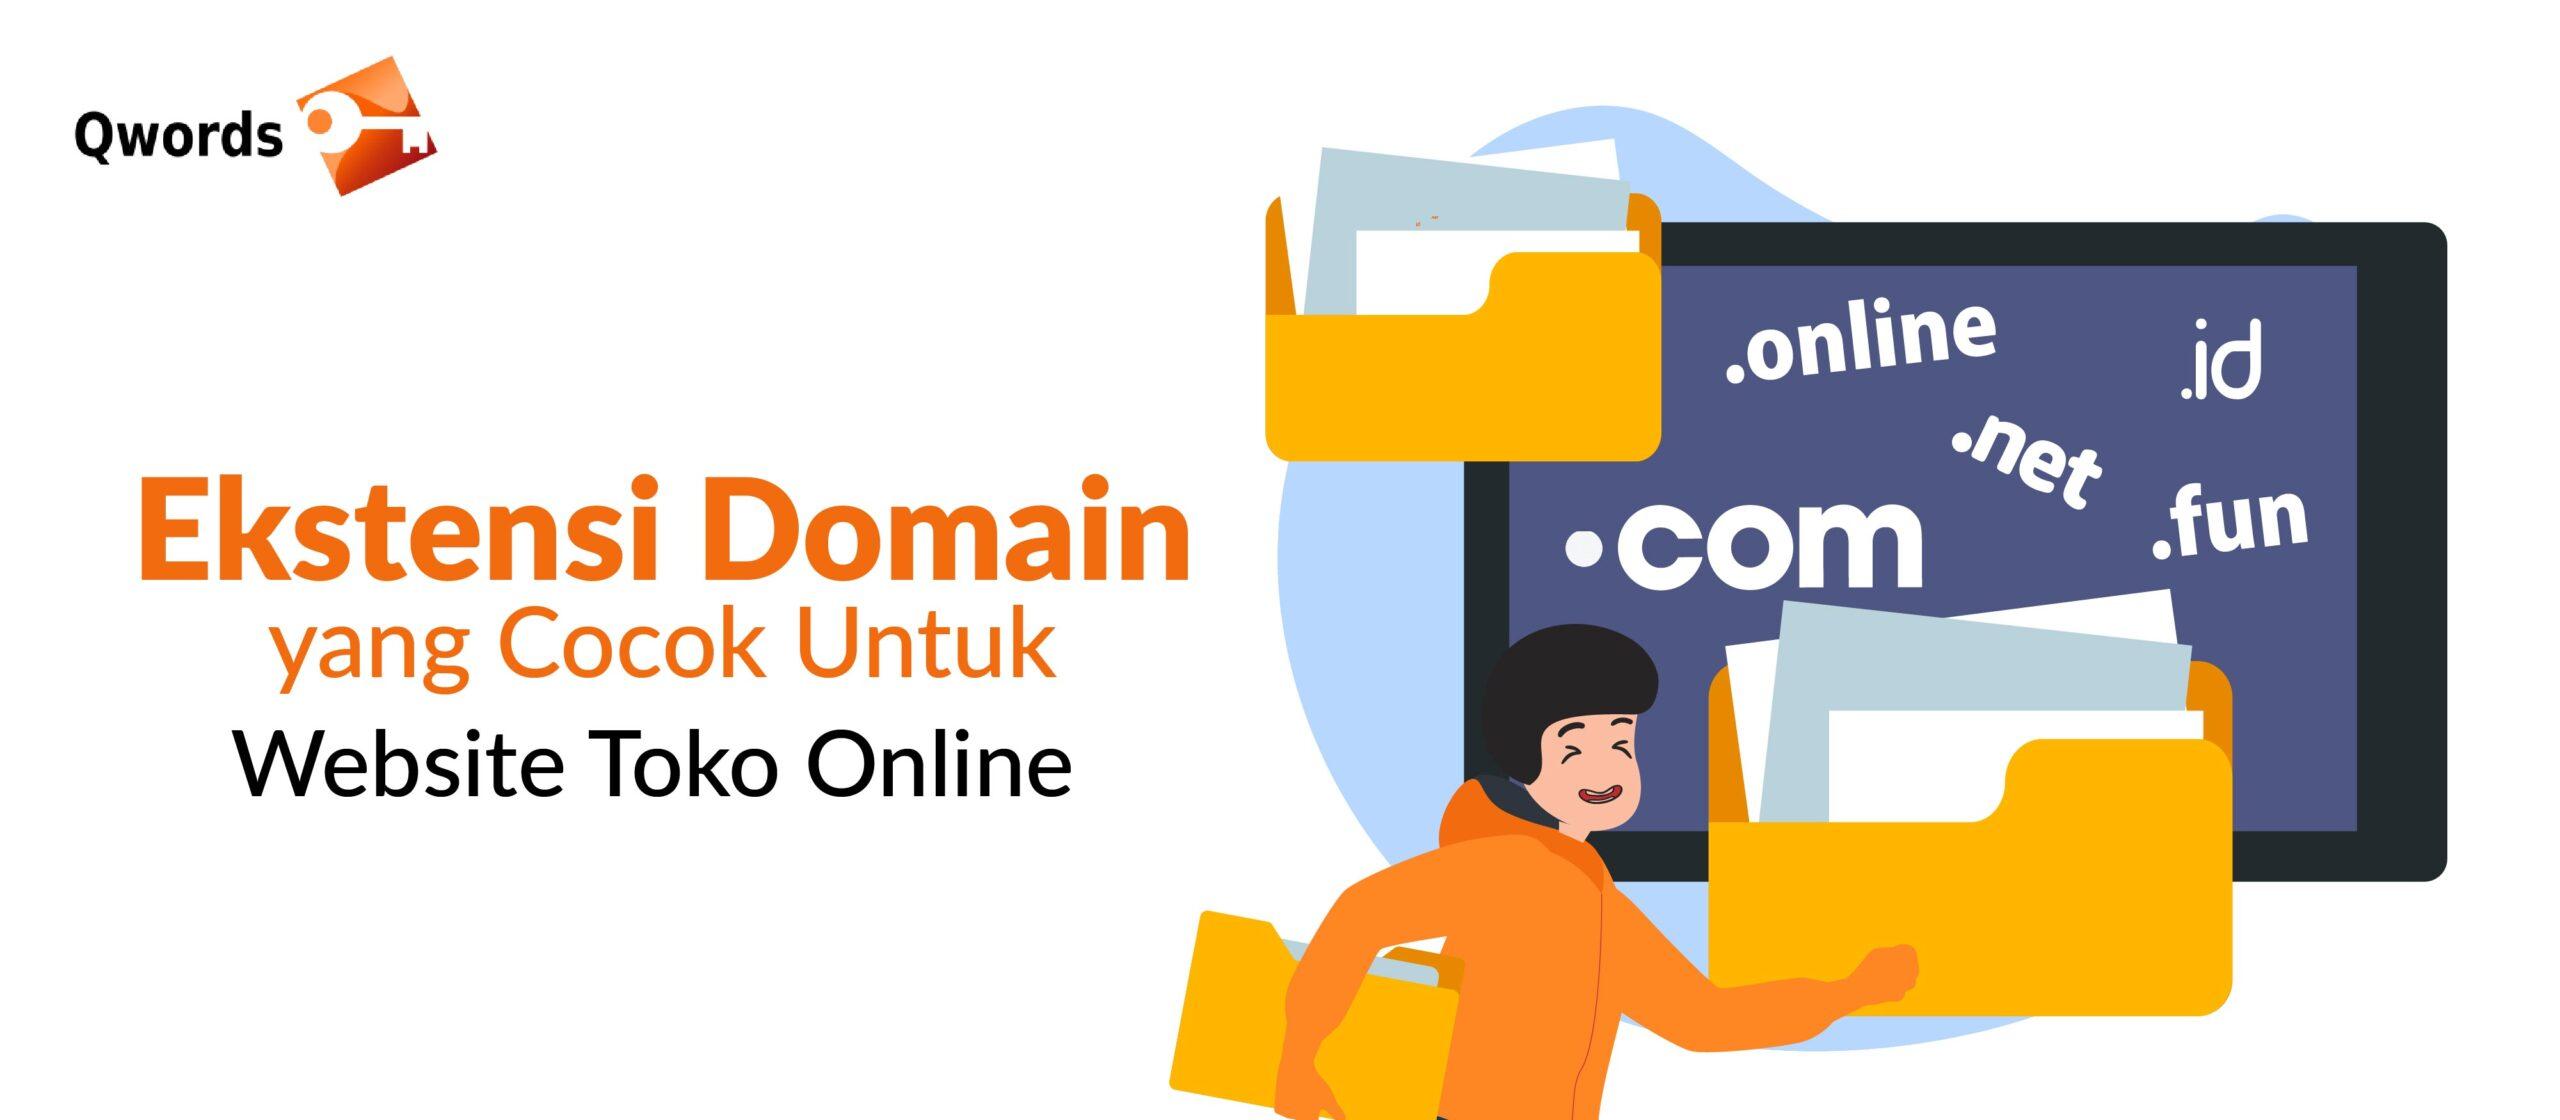 Ekstensi Domain yang cocok untuk website